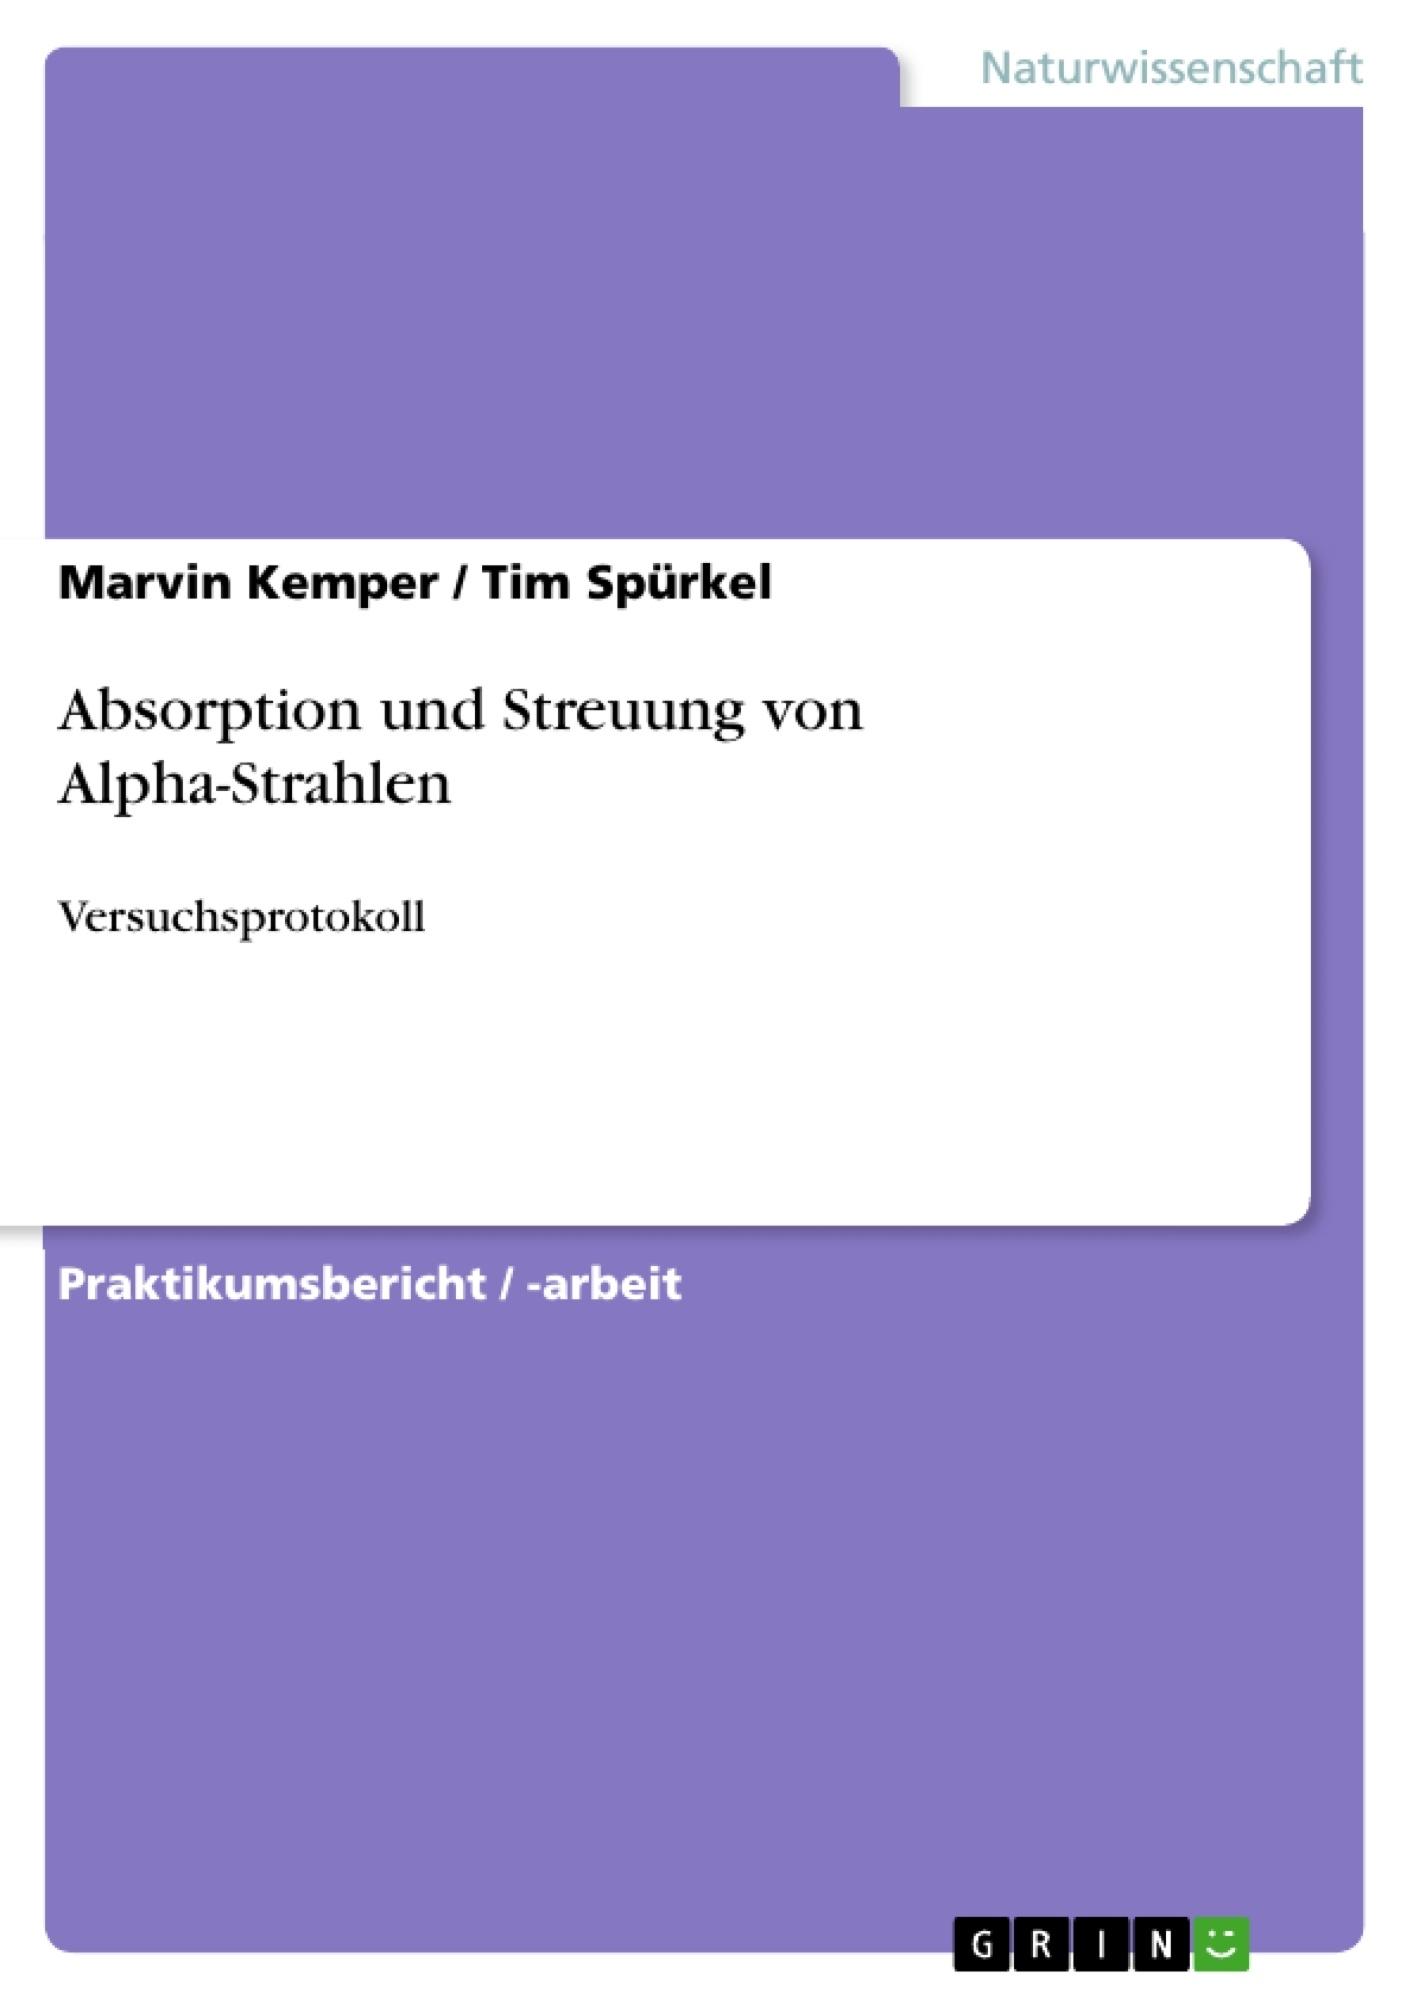 Titel: Absorption und Streuung von Alpha-Strahlen